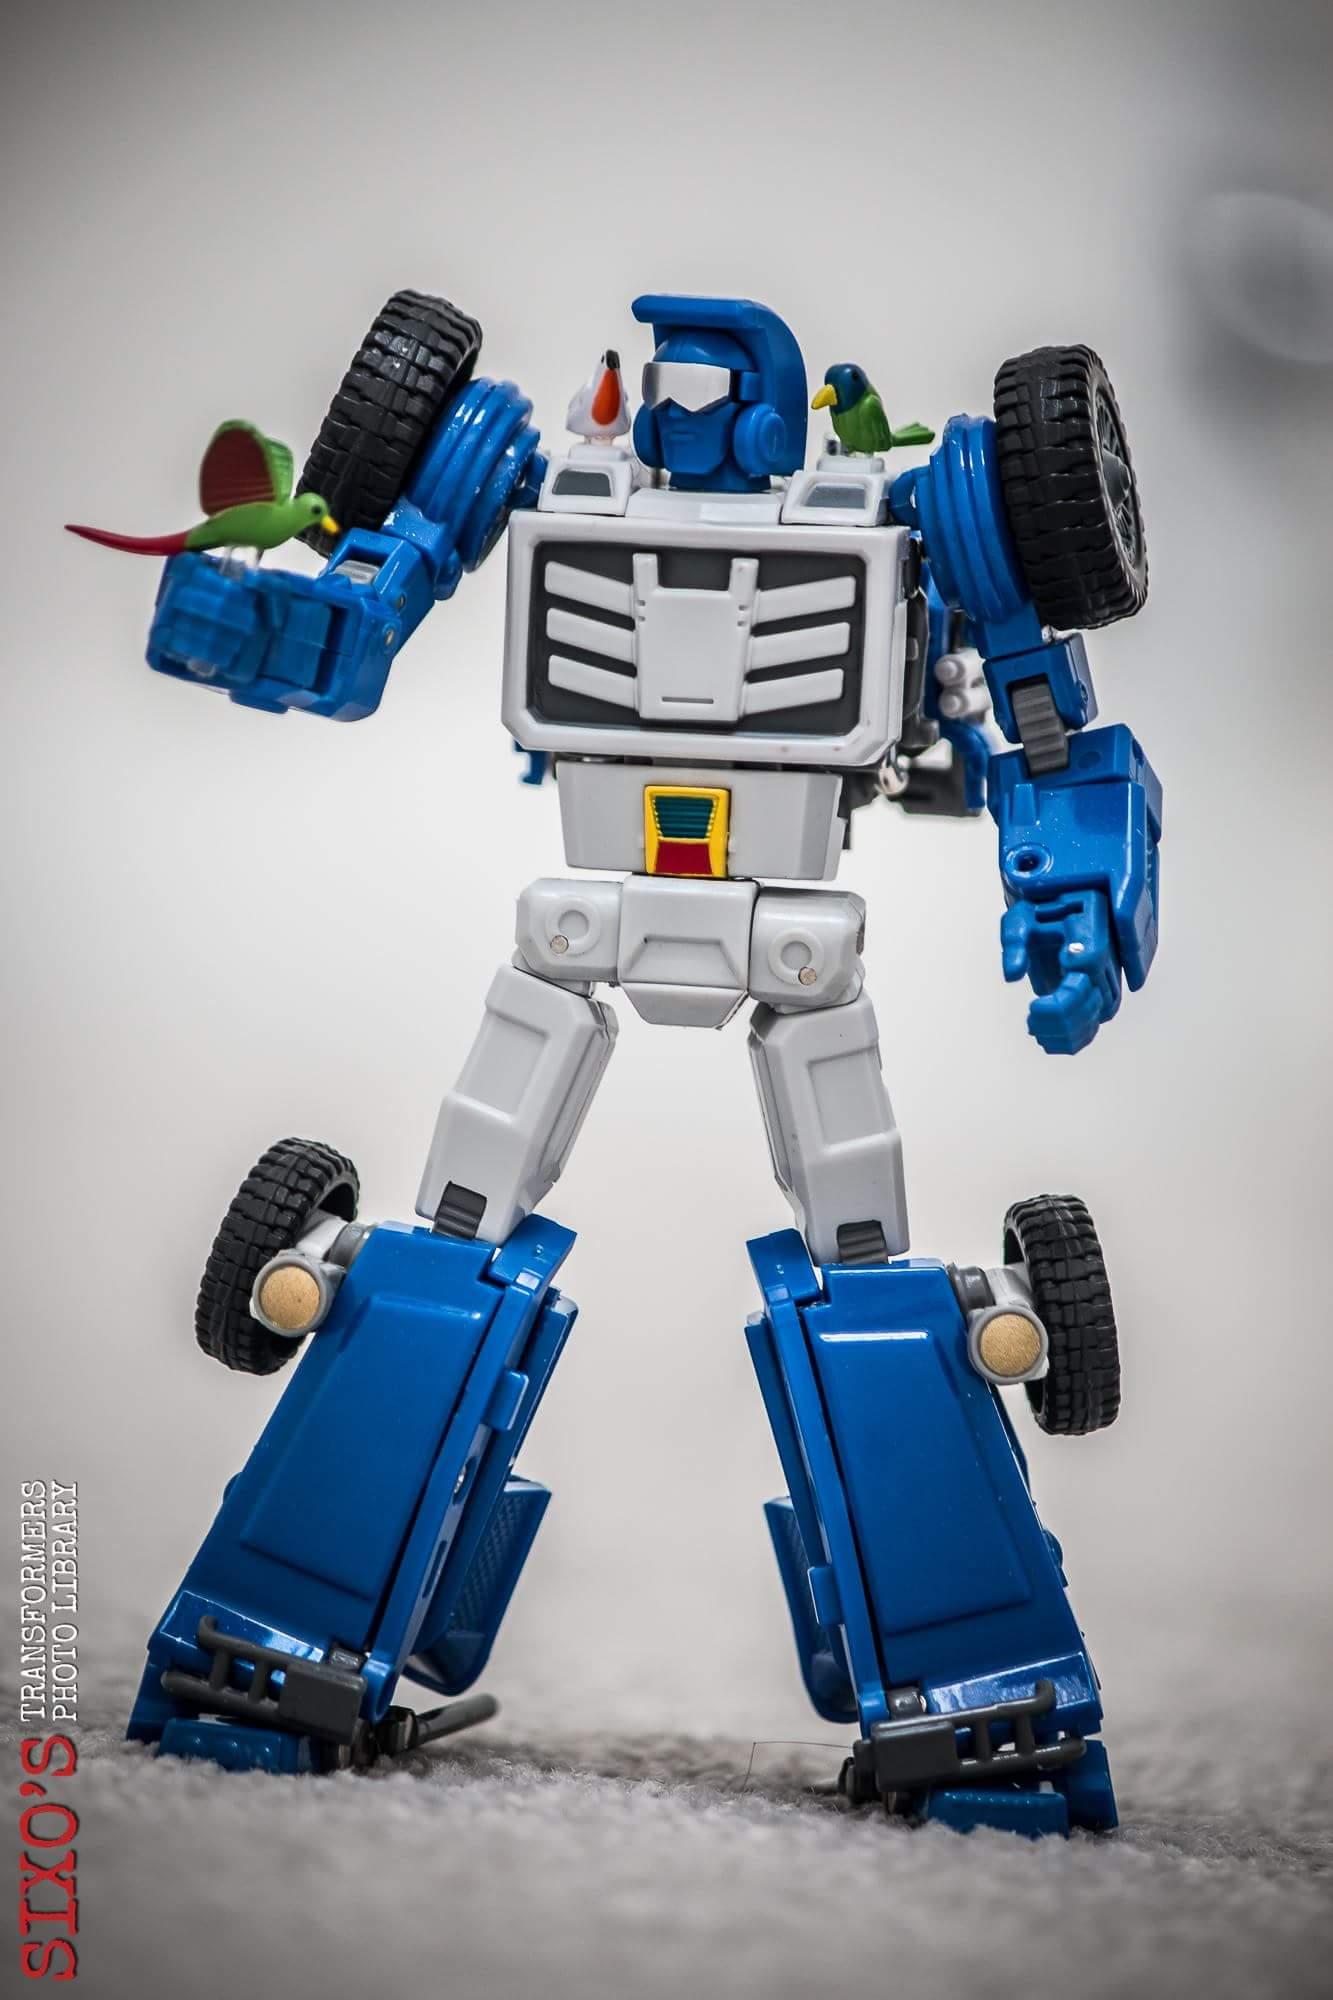 [X-Transbots] Produit Tiers - Minibots MP - Gamme MM - Page 6 YLuiVvW9